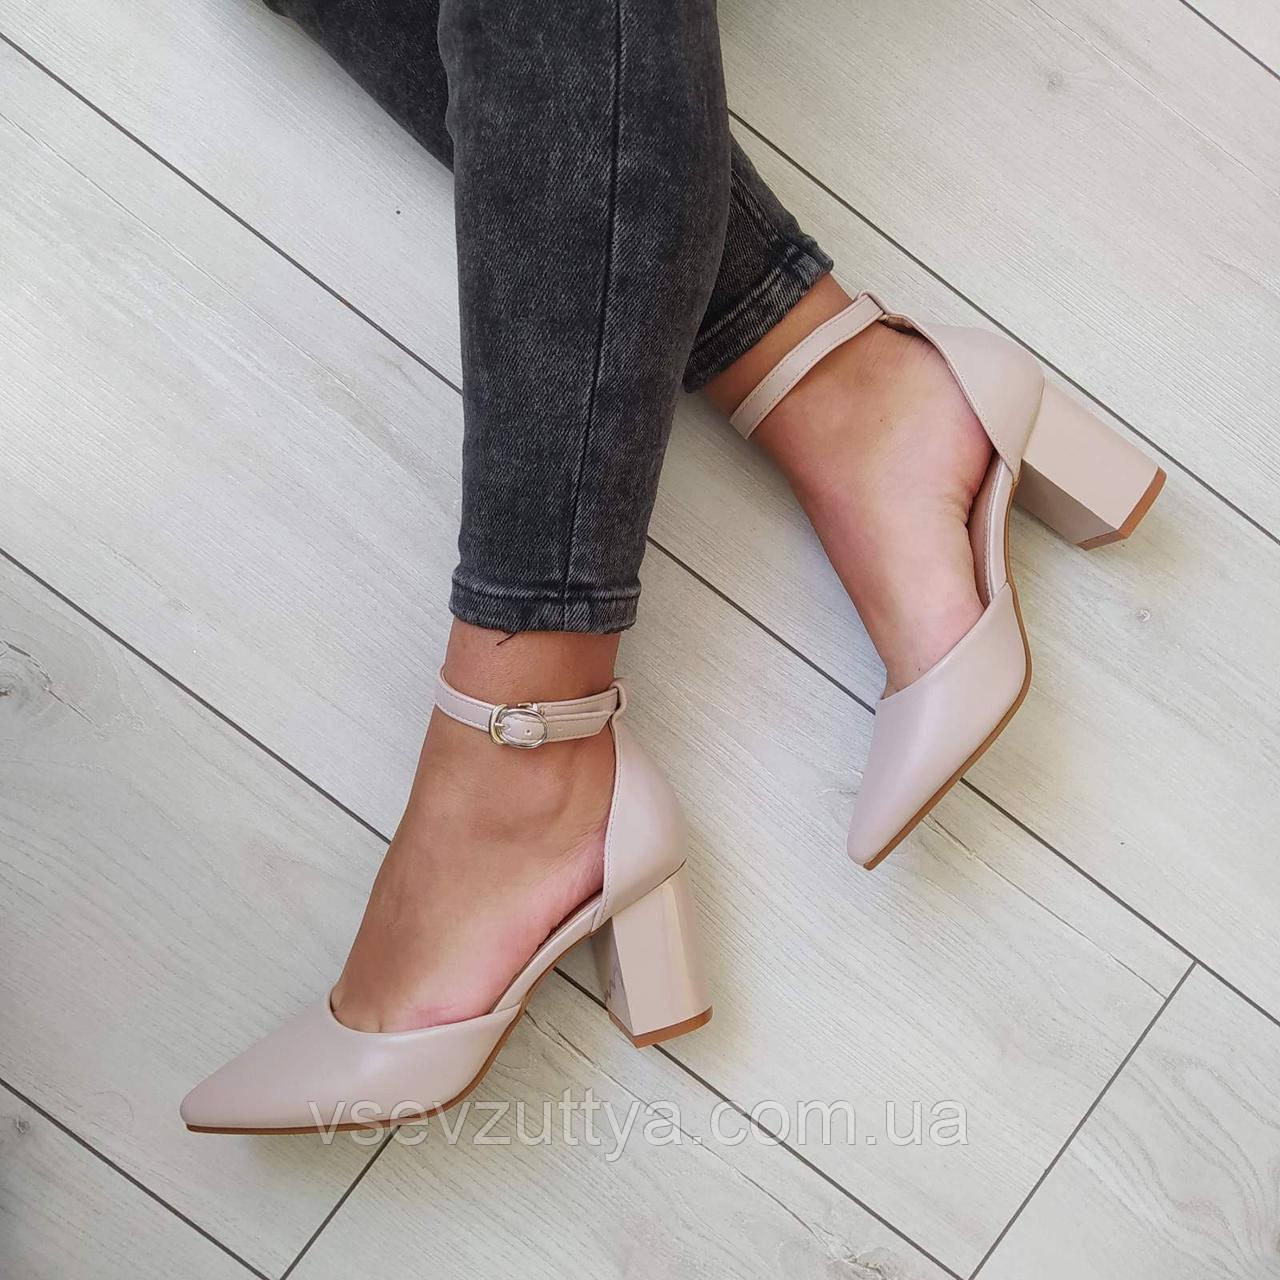 Туфлі бежеві жіночі на каблуку екошкіра